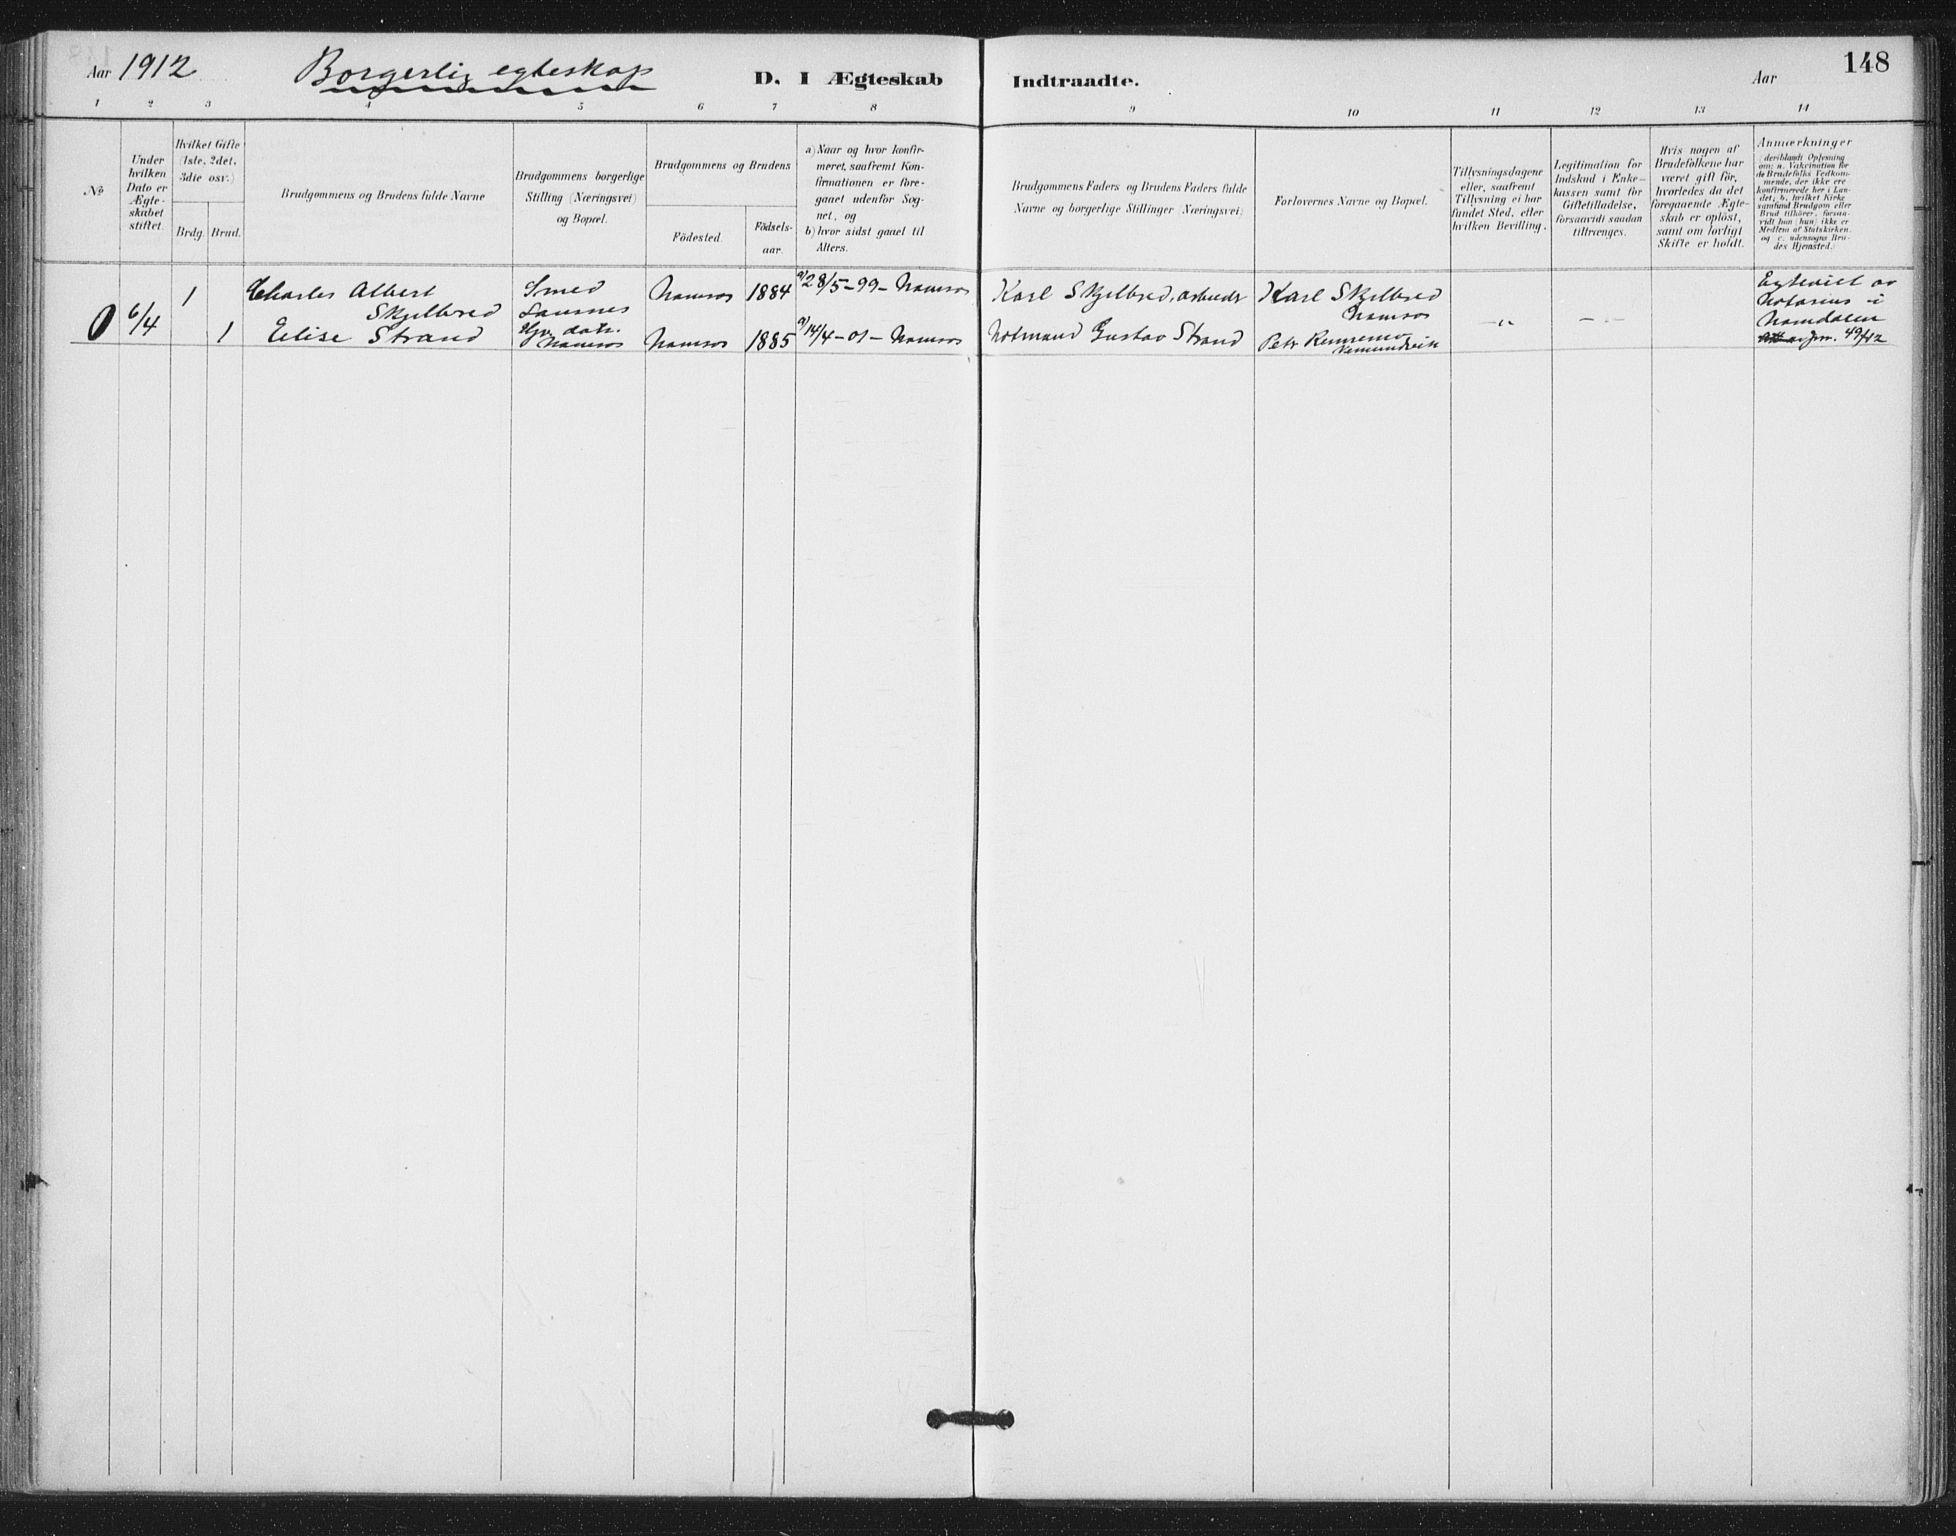 SAT, Ministerialprotokoller, klokkerbøker og fødselsregistre - Nord-Trøndelag, 772/L0603: Ministerialbok nr. 772A01, 1885-1912, s. 148